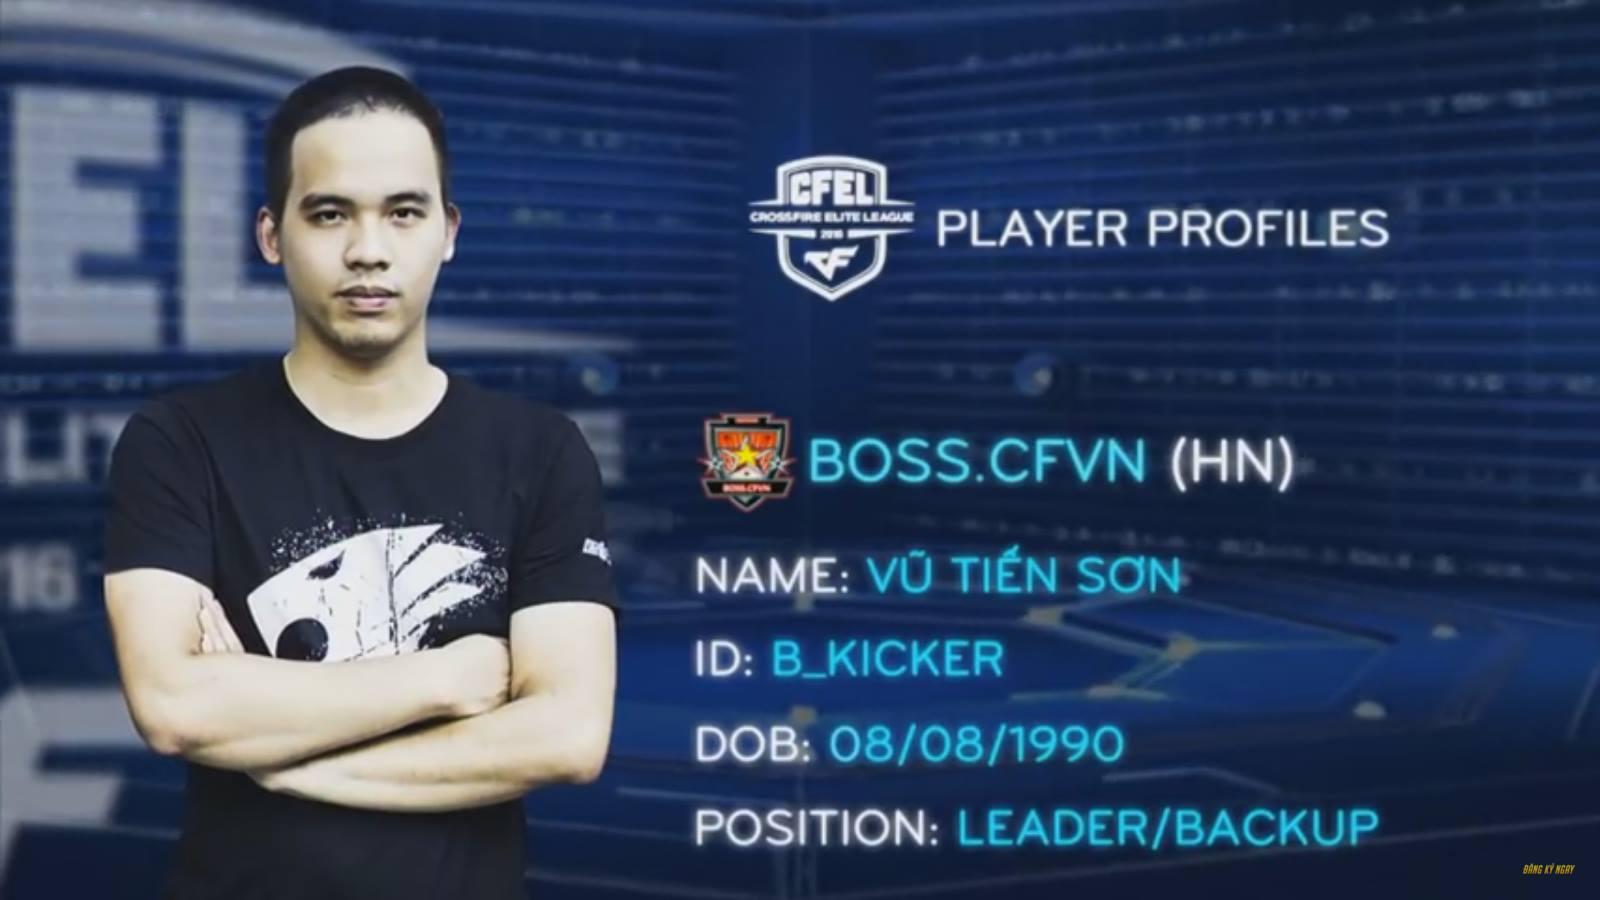 B_Kicker - Boss.CFVN hn